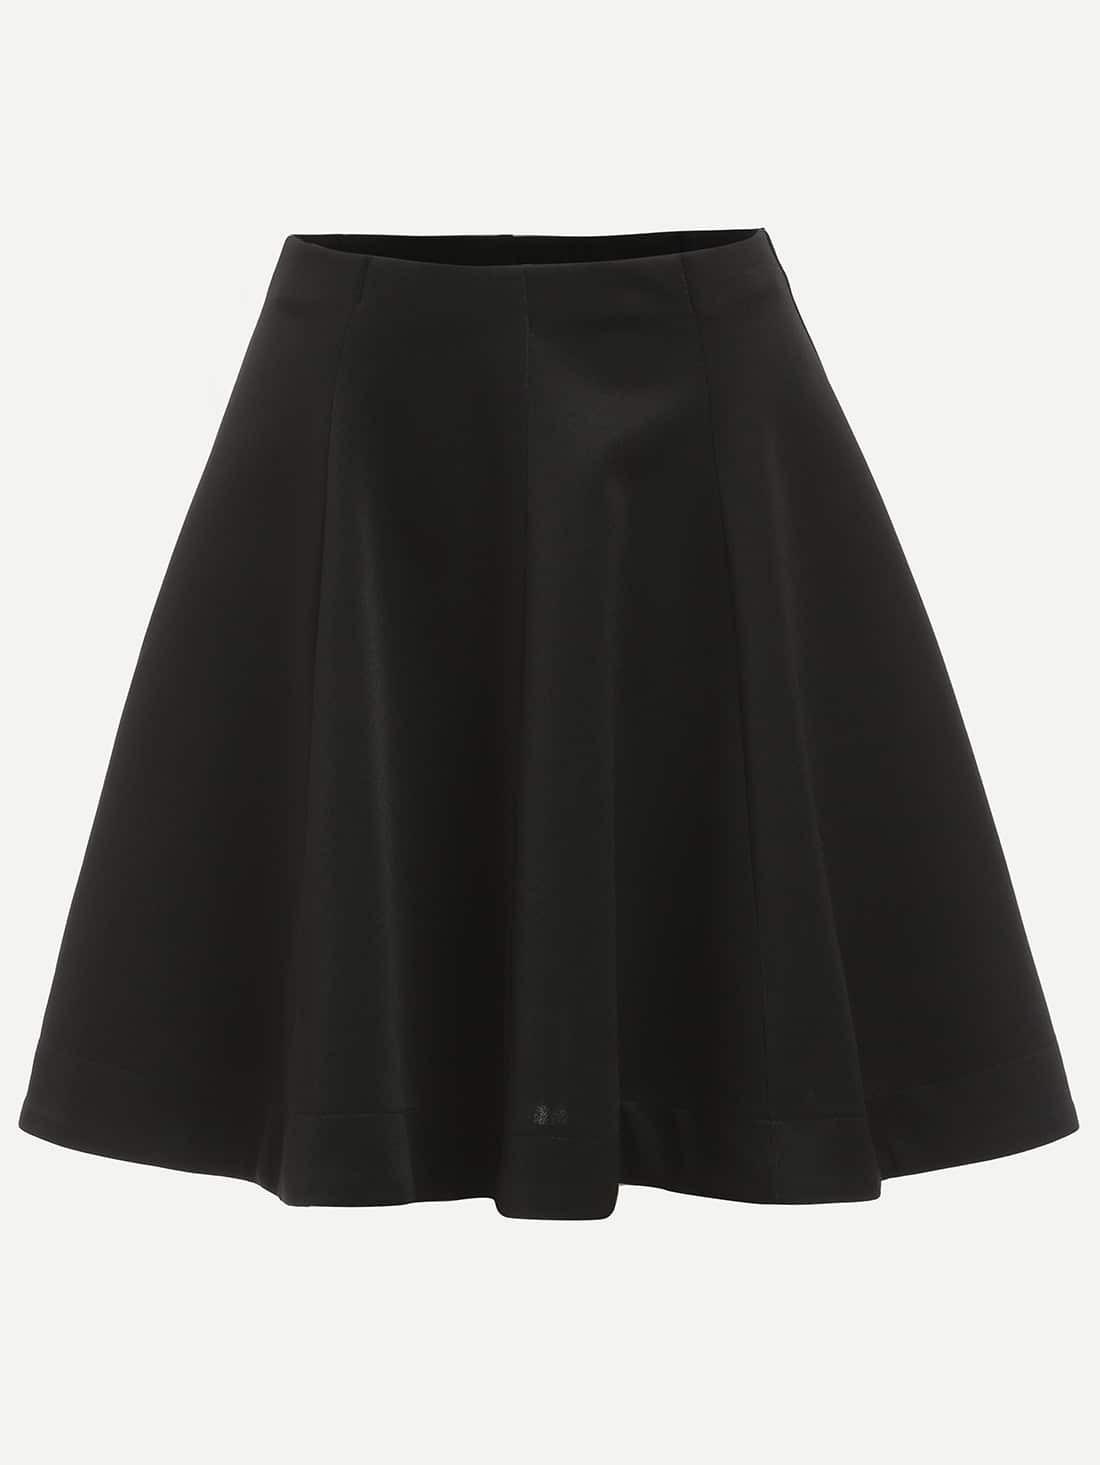 Plain Black Flare Skirt